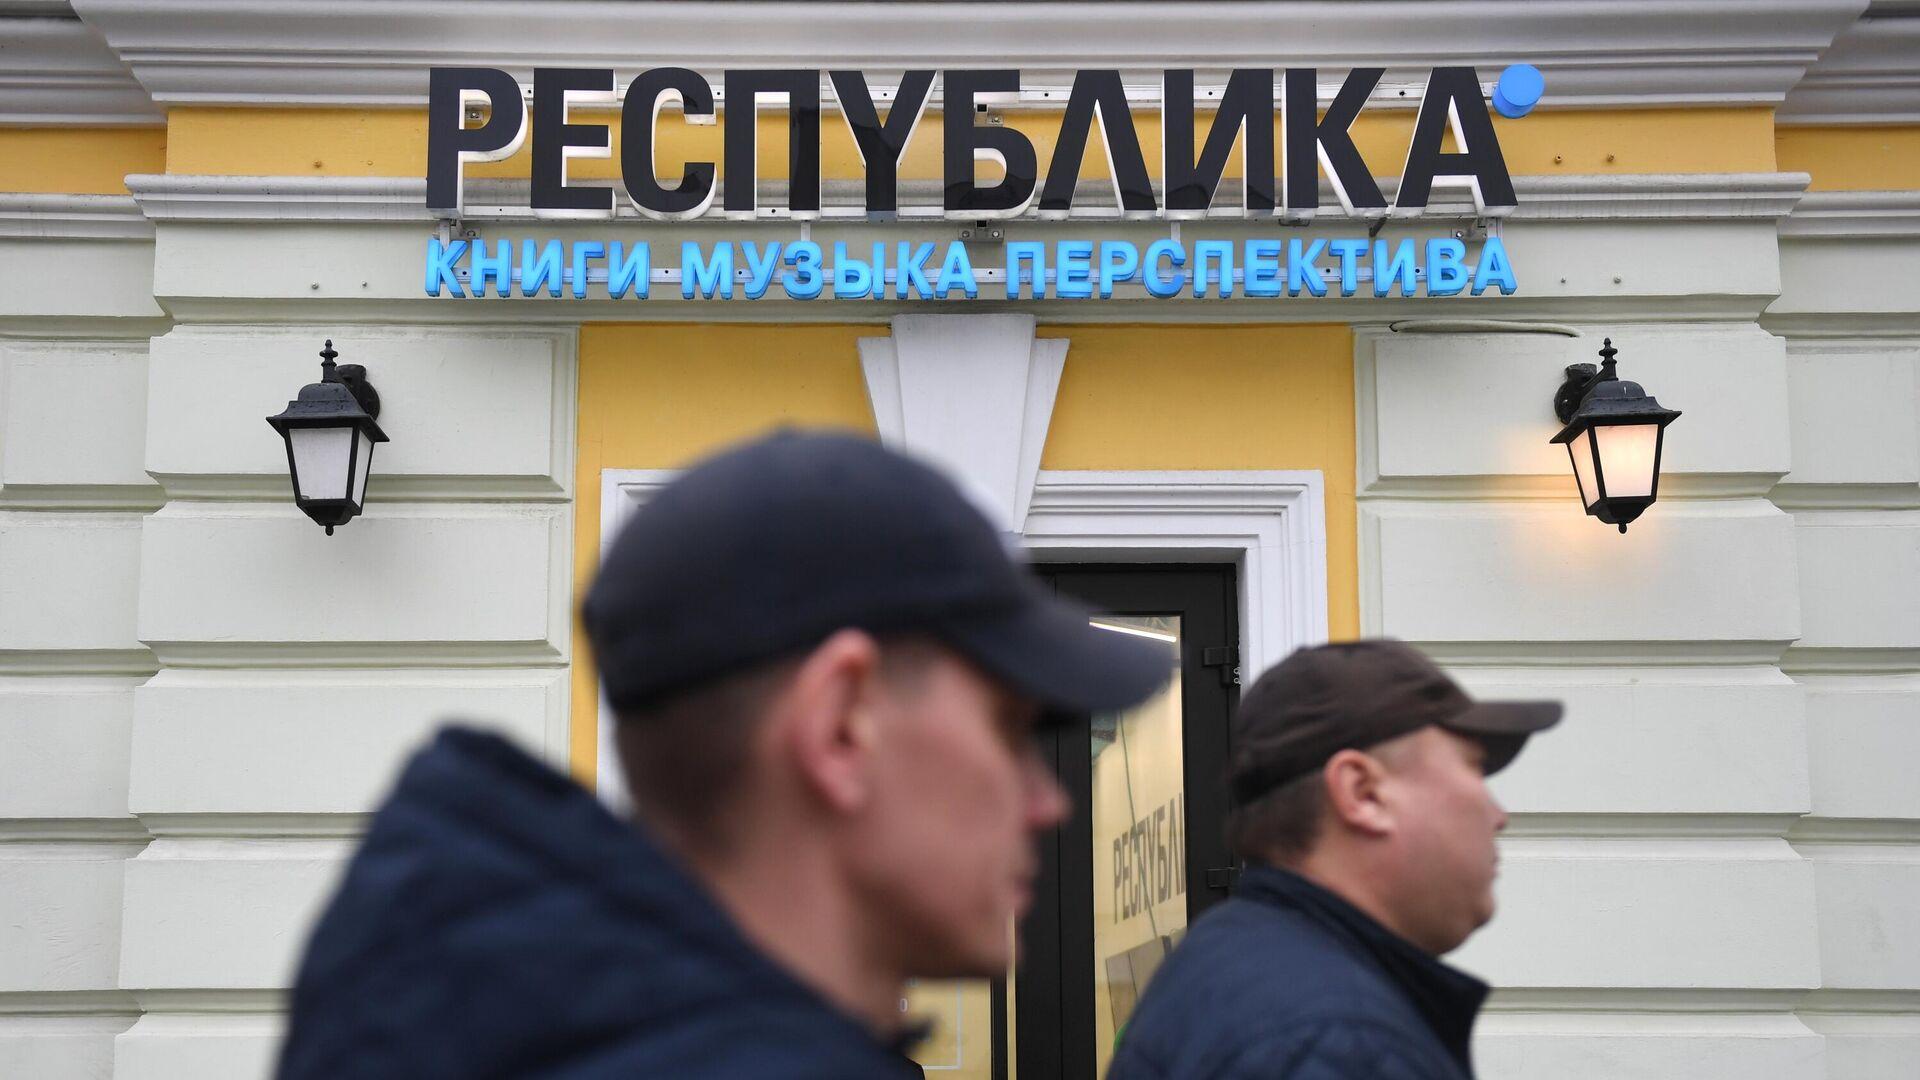 Прохожие идут вдоль магазина Республика в Москве - РИА Новости, 1920, 15.04.2021